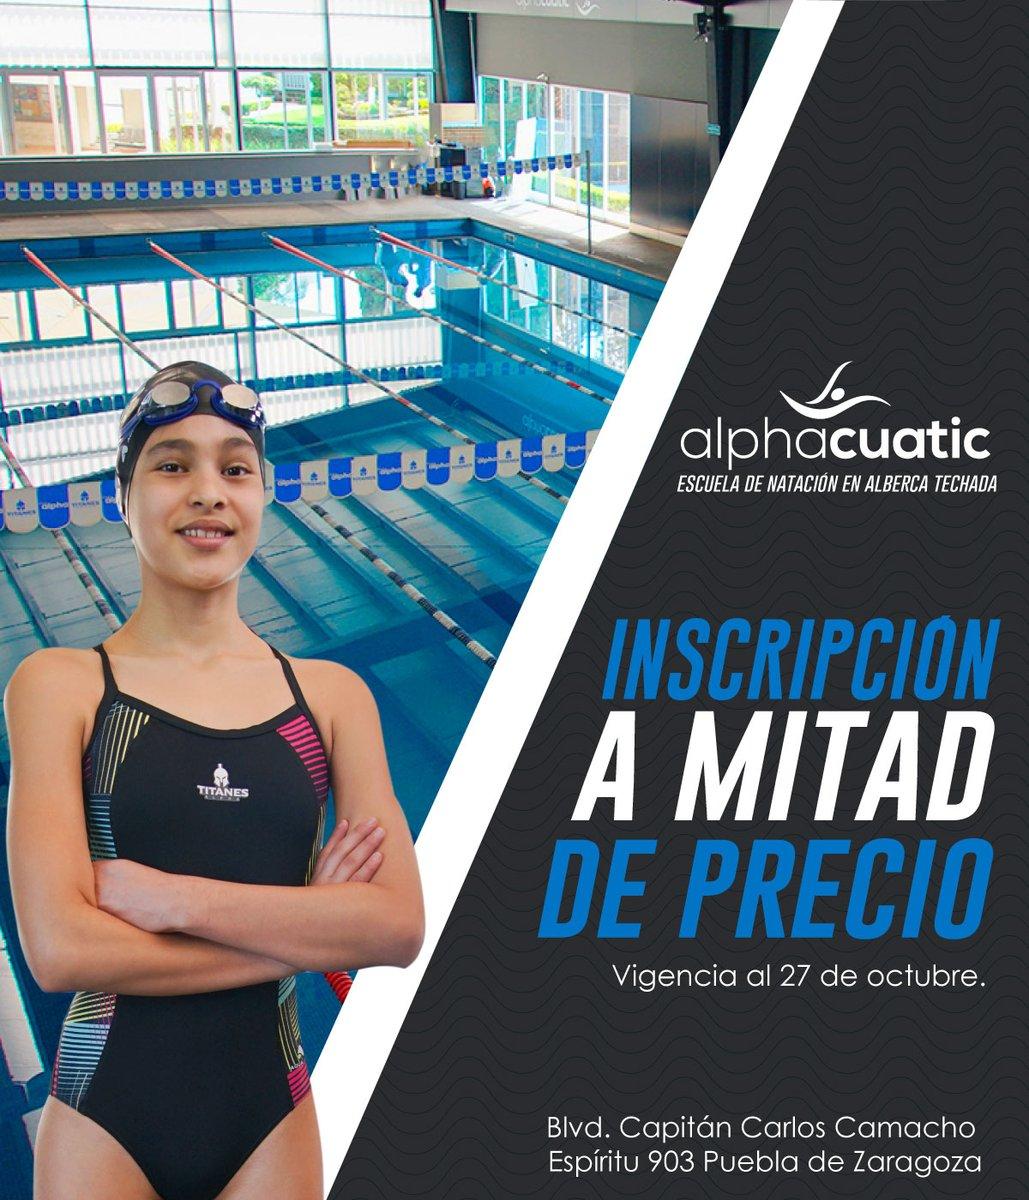 ¡Aprende a nadar en #alphacuatic! Contamos con clases para todas las edades desde niños hasta adultos en instalaciones de primer nivel y maestros especializados. #Natación #Puebla https://t.co/GF7ZkVKvXe